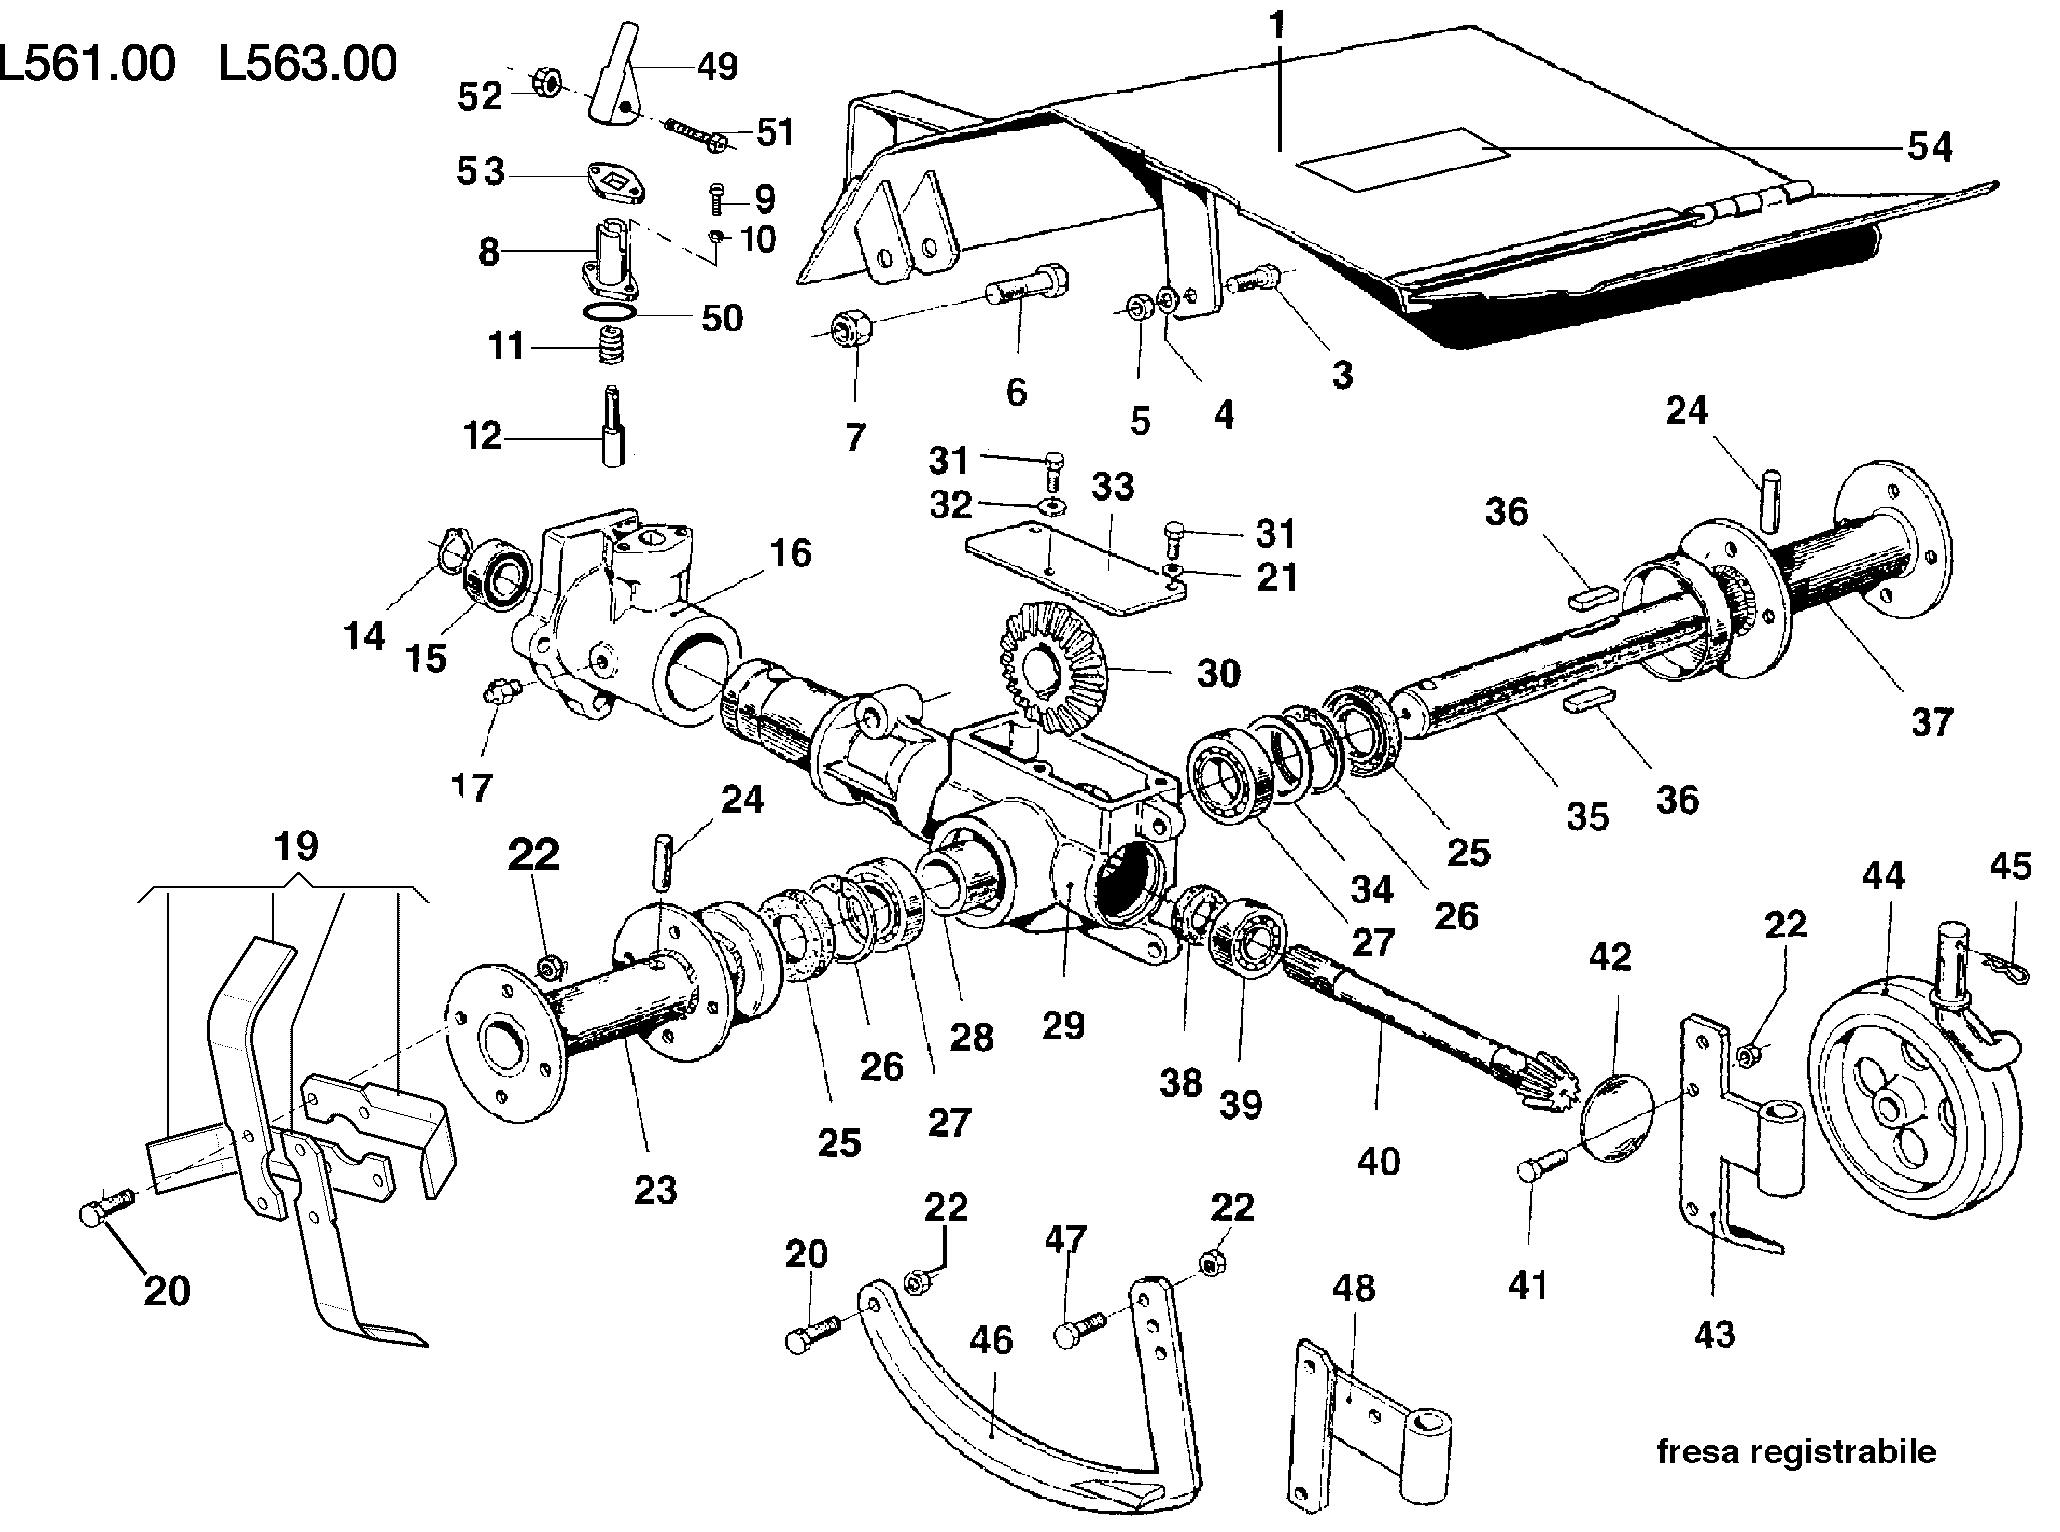 KAM 5 (jusqu'en 2009) Motoculteur OLEOMAC NIBBI vue éclatée Dessins pièces - Fraise registrable L0056100/L0056300